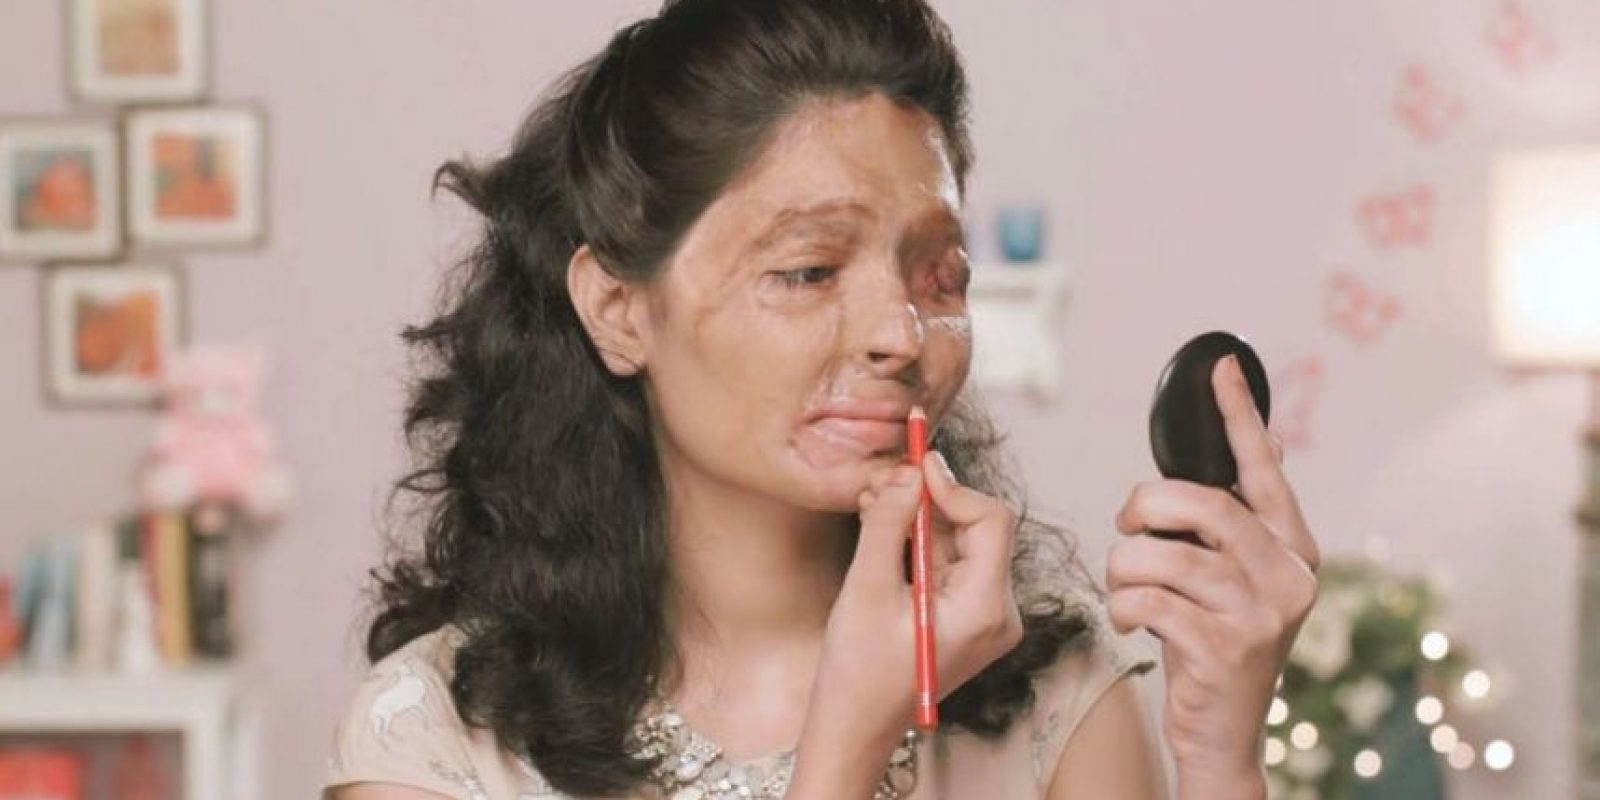 Los ataques con ácido causan estragos en la vida de miles de mujeres jóvenes que rechazan propuestas de matrimonio, insinuaciones sexuales o que se ven atrapadas en el fuego cruzado de las disputas domésticas. Foto:Vía Youtube